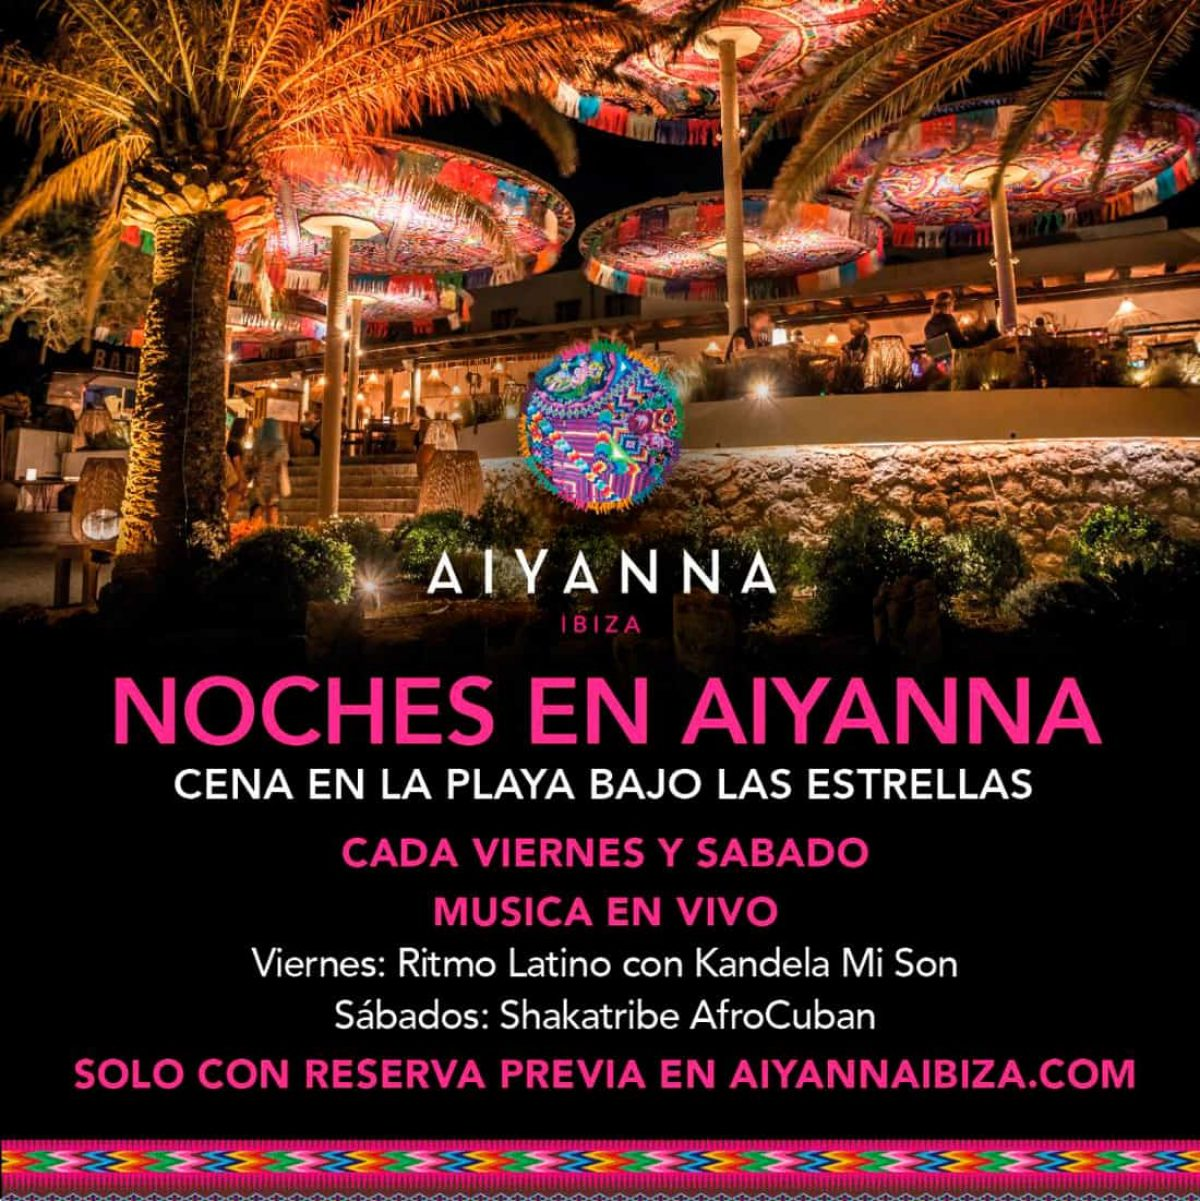 aiyanna-nights-aiyanna-ibiza-2021-welcometoibiza